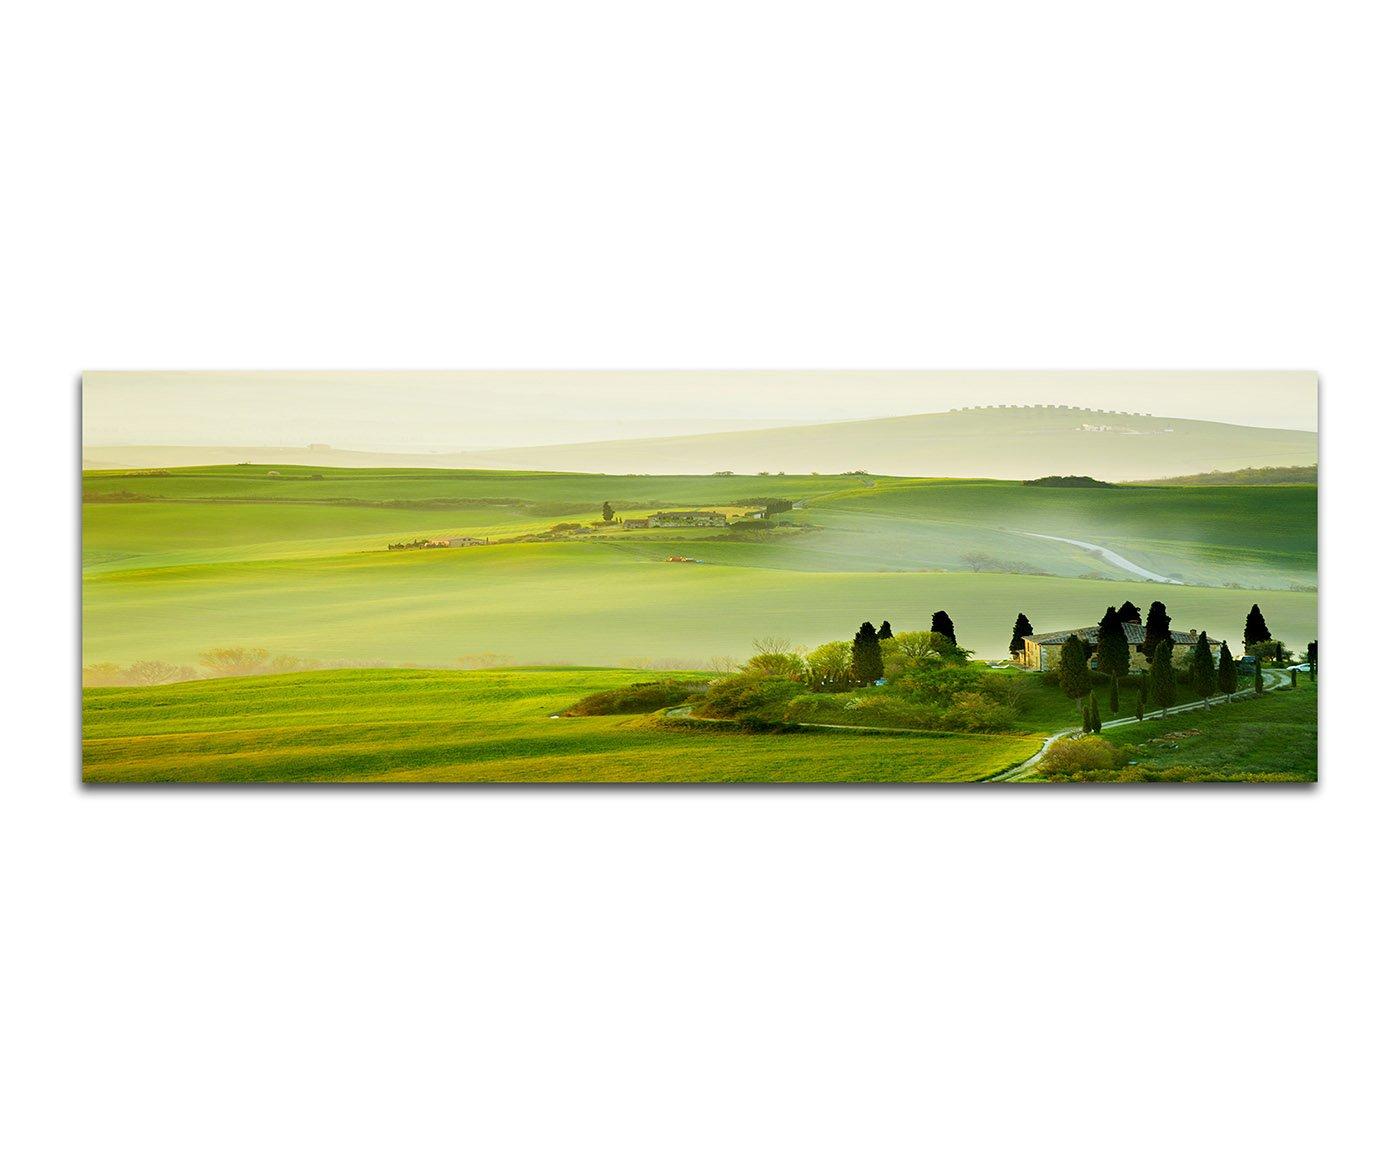 Morgen in der Toskana grüne Landschaften 150x50cm Panoramabilder auf Leinwand und Keilrahmen Wandbild auf Leinwand und Keilrahmen fertig zum aufhängen - Unsere Bilder auf Leinwand bestechen durch ihre ungewöhnlichen Formate und den extrem de